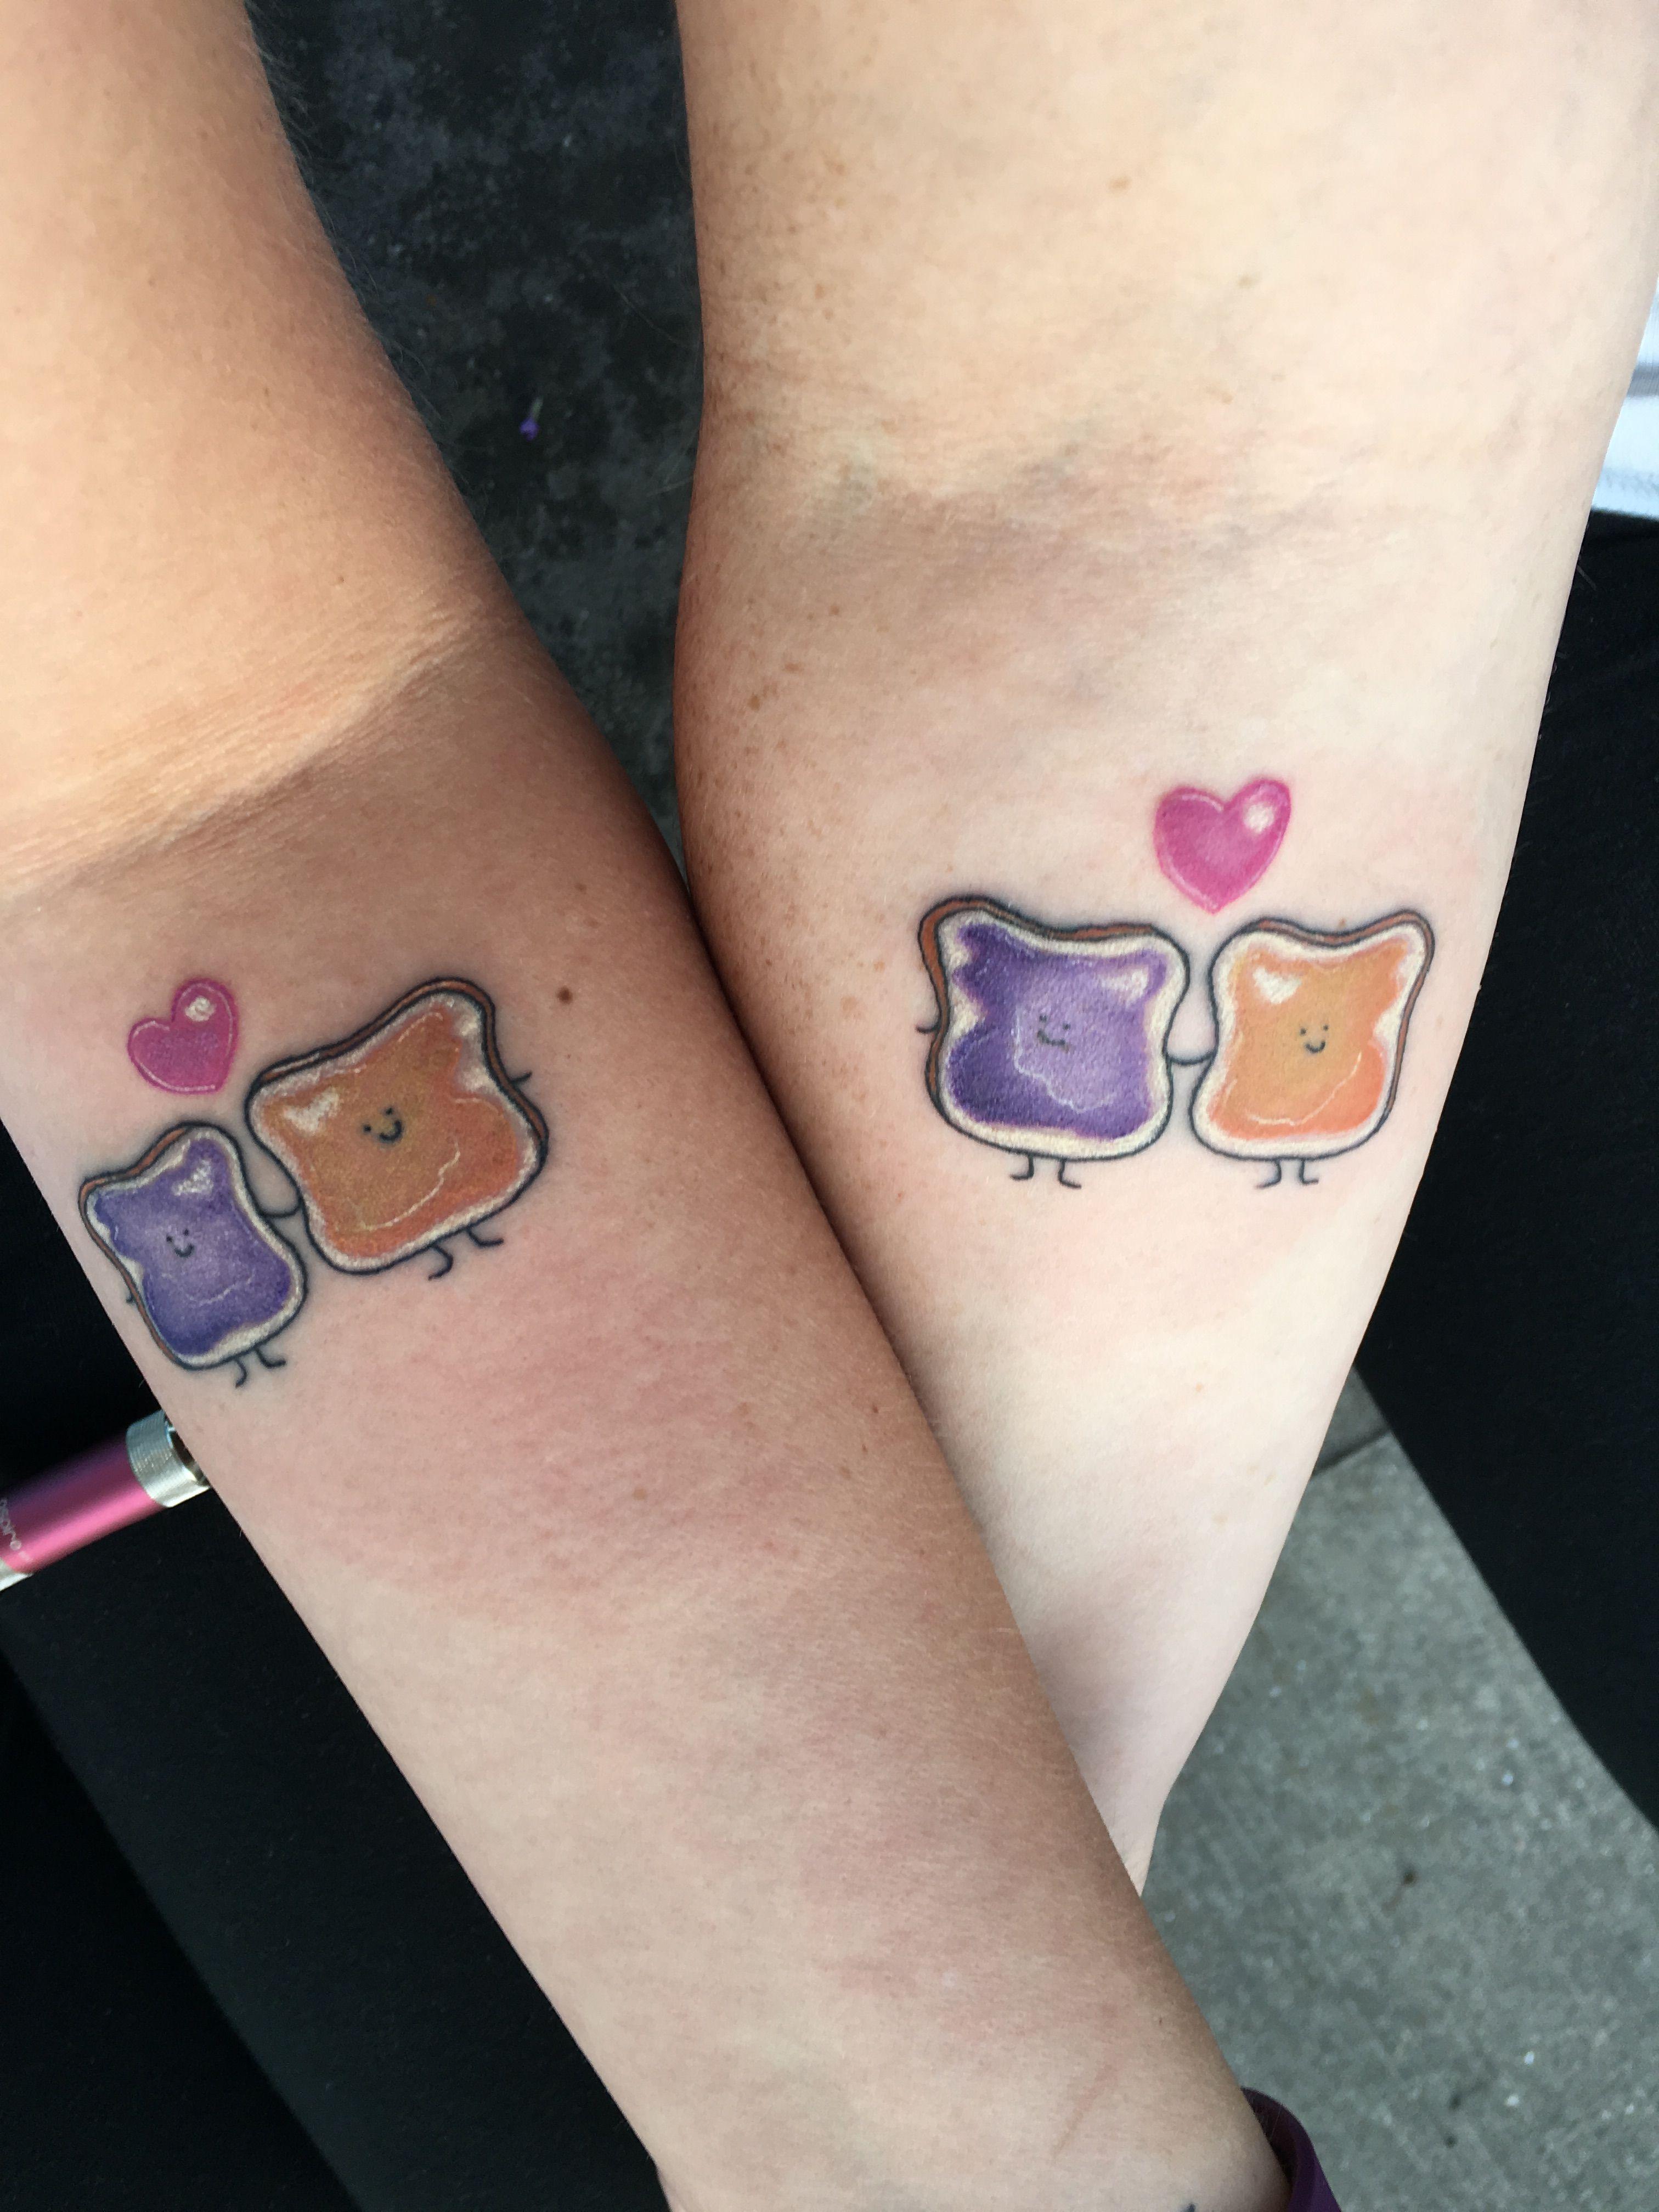 Best Friend Peanut Butter And Jelly Tattoo Ideas Tattoos